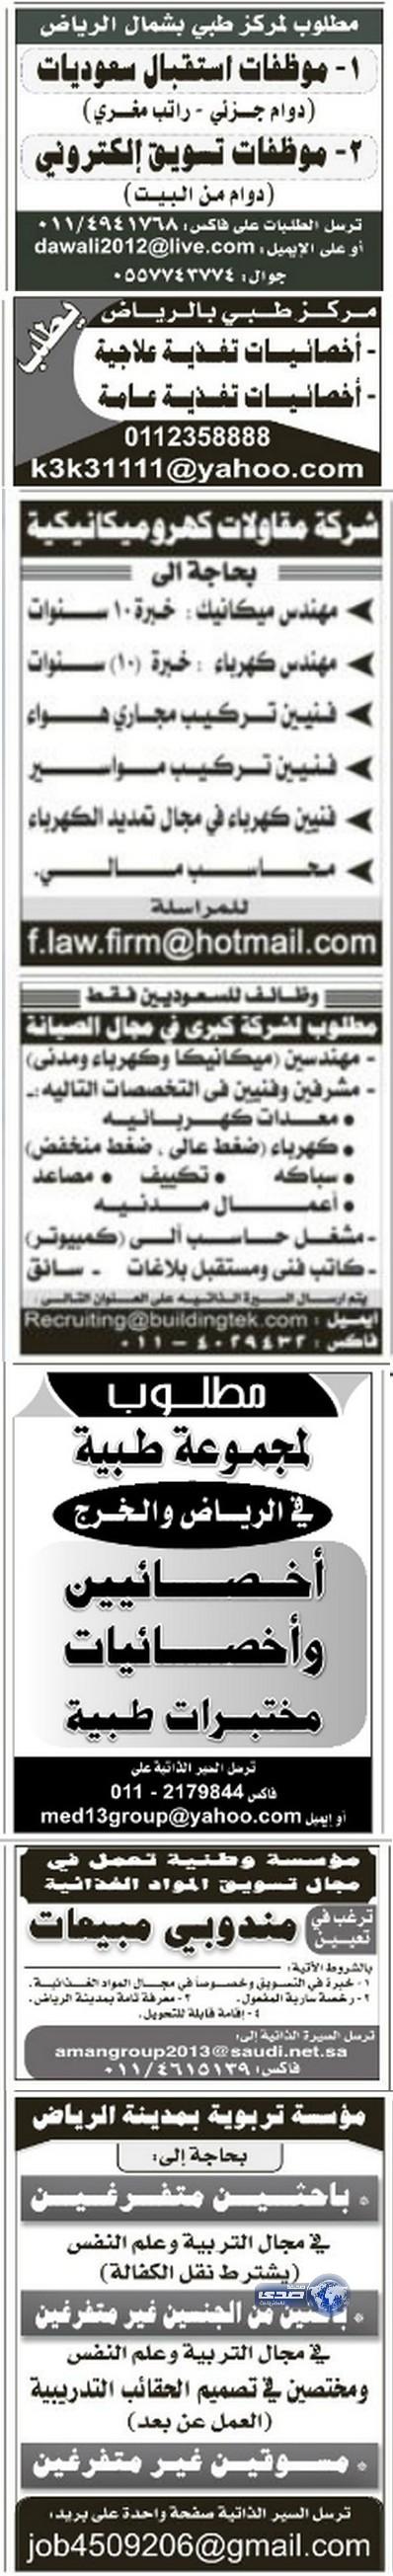 وظائف شاغرة اليوم 19-5-1435 ، وظائف جديدة الخميس 20-3-2014